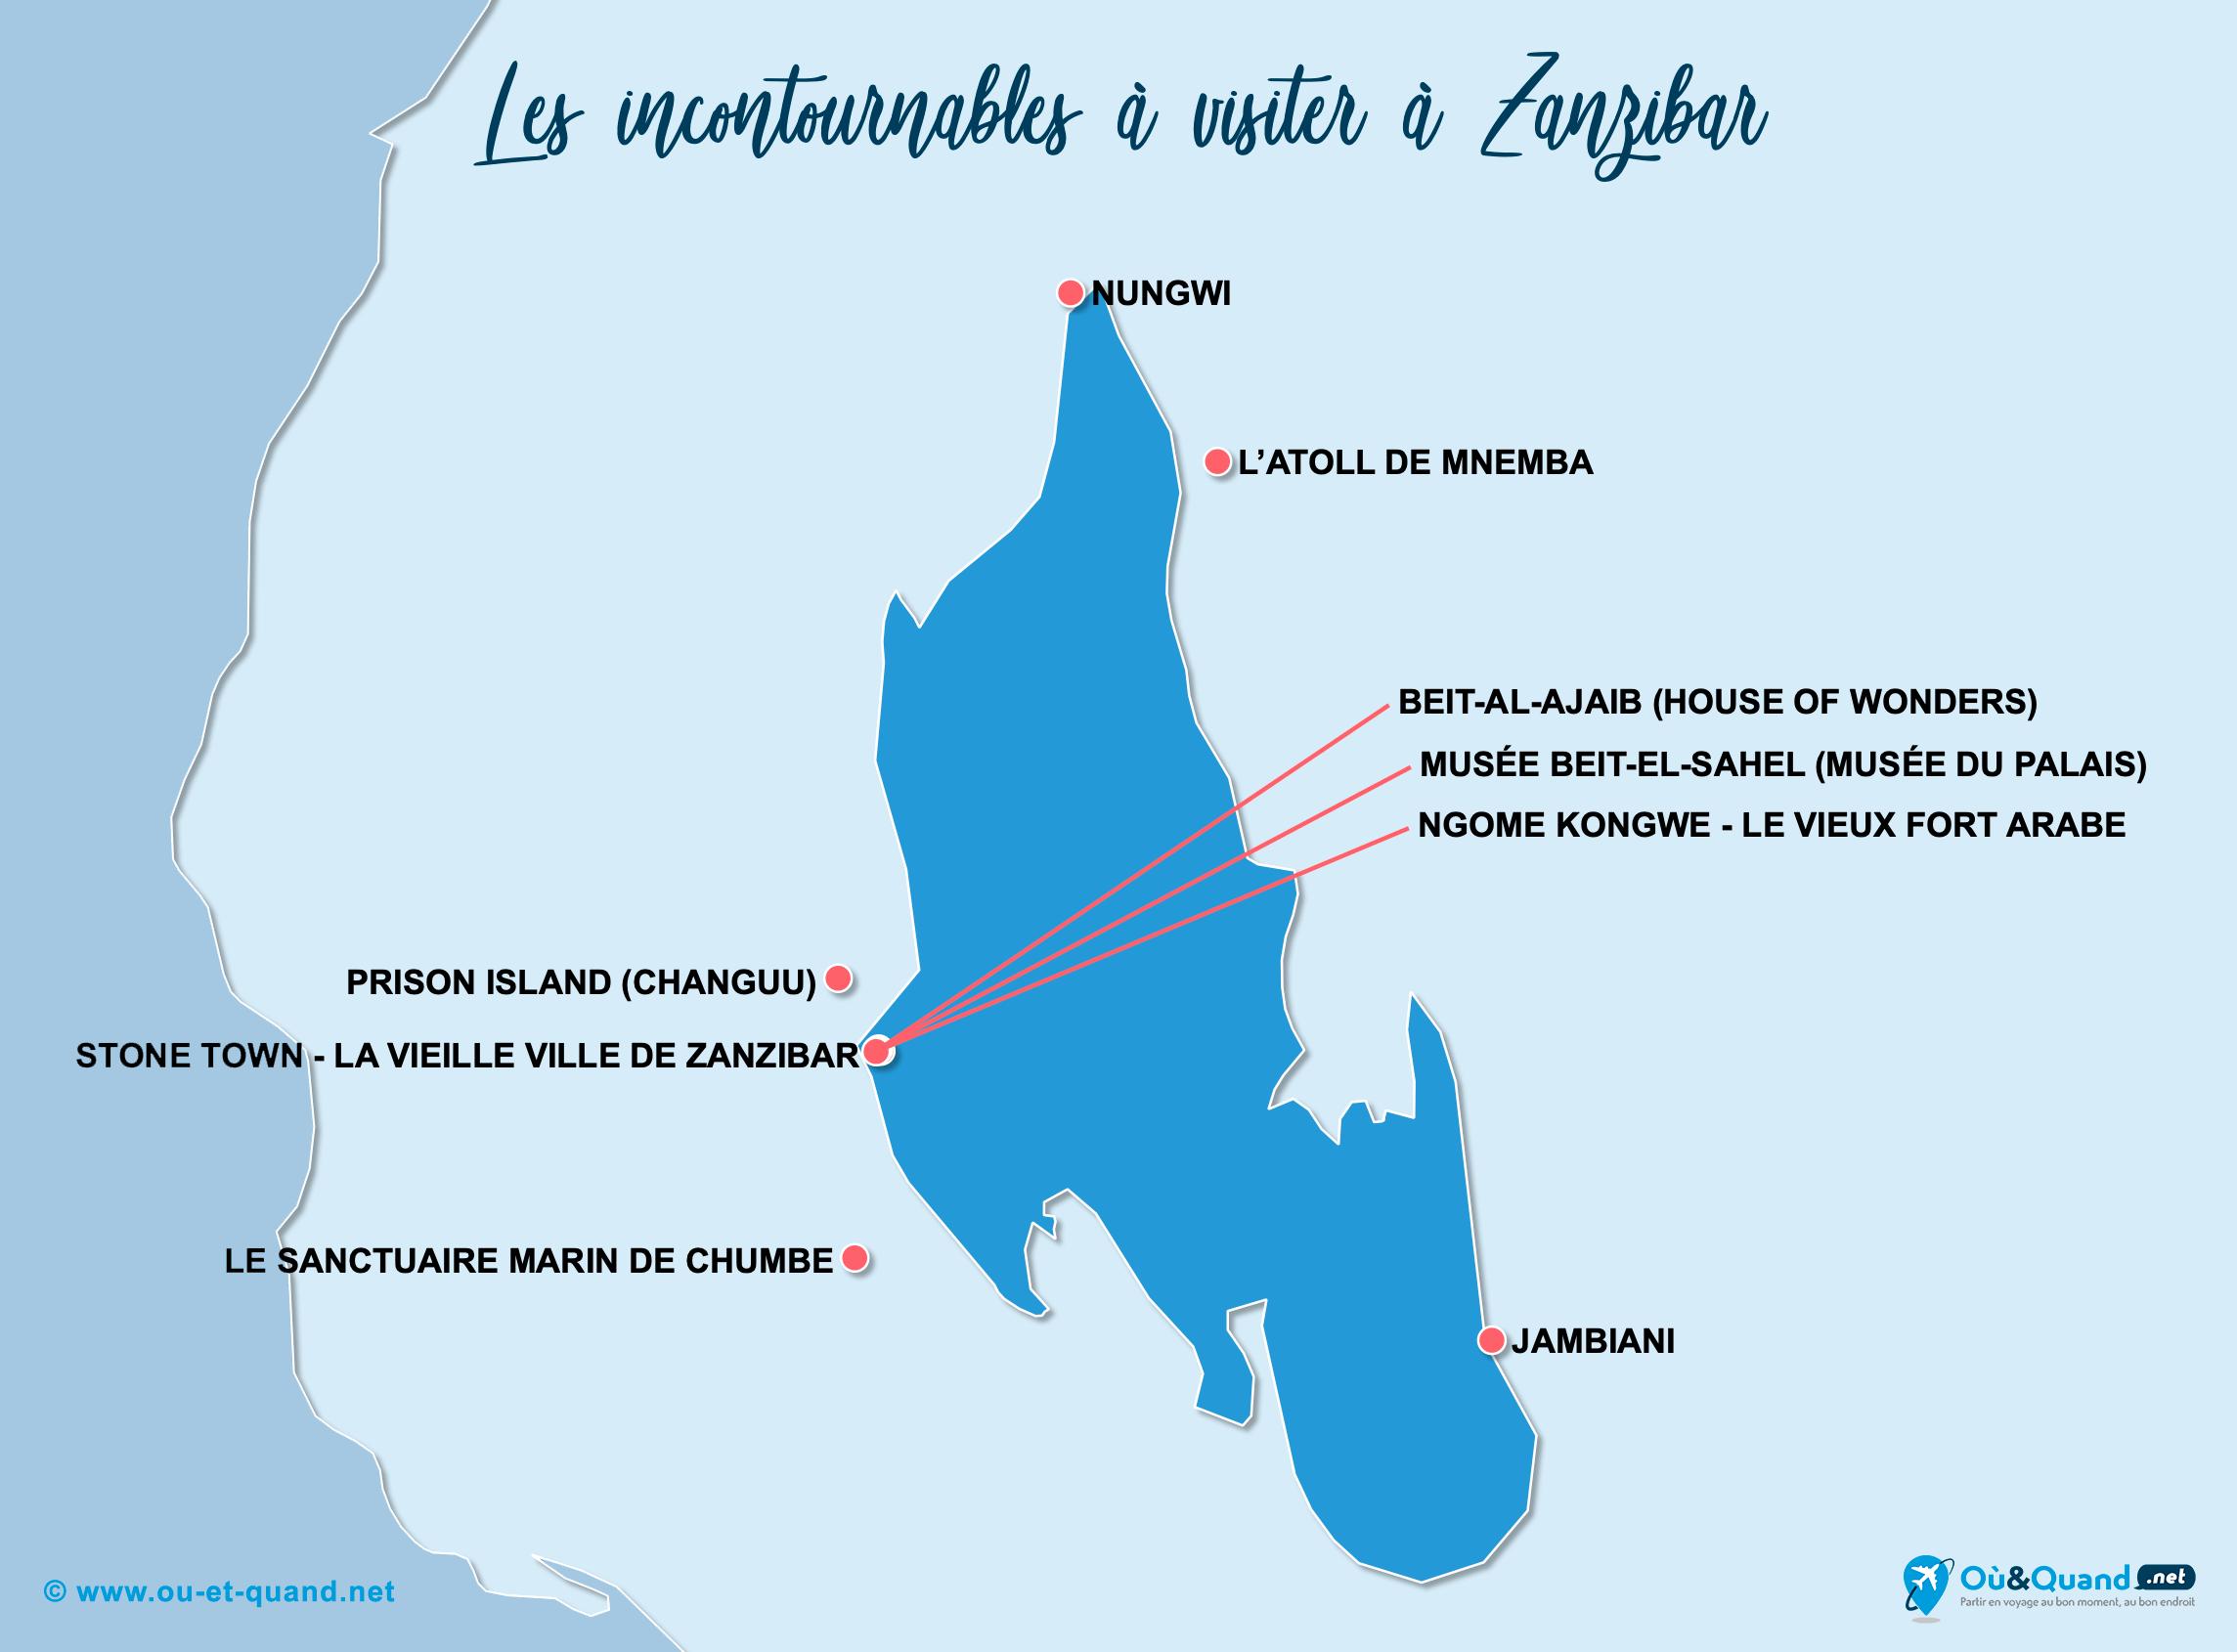 Carte Zanzibar : Les lieux incontournables à Zanzibar